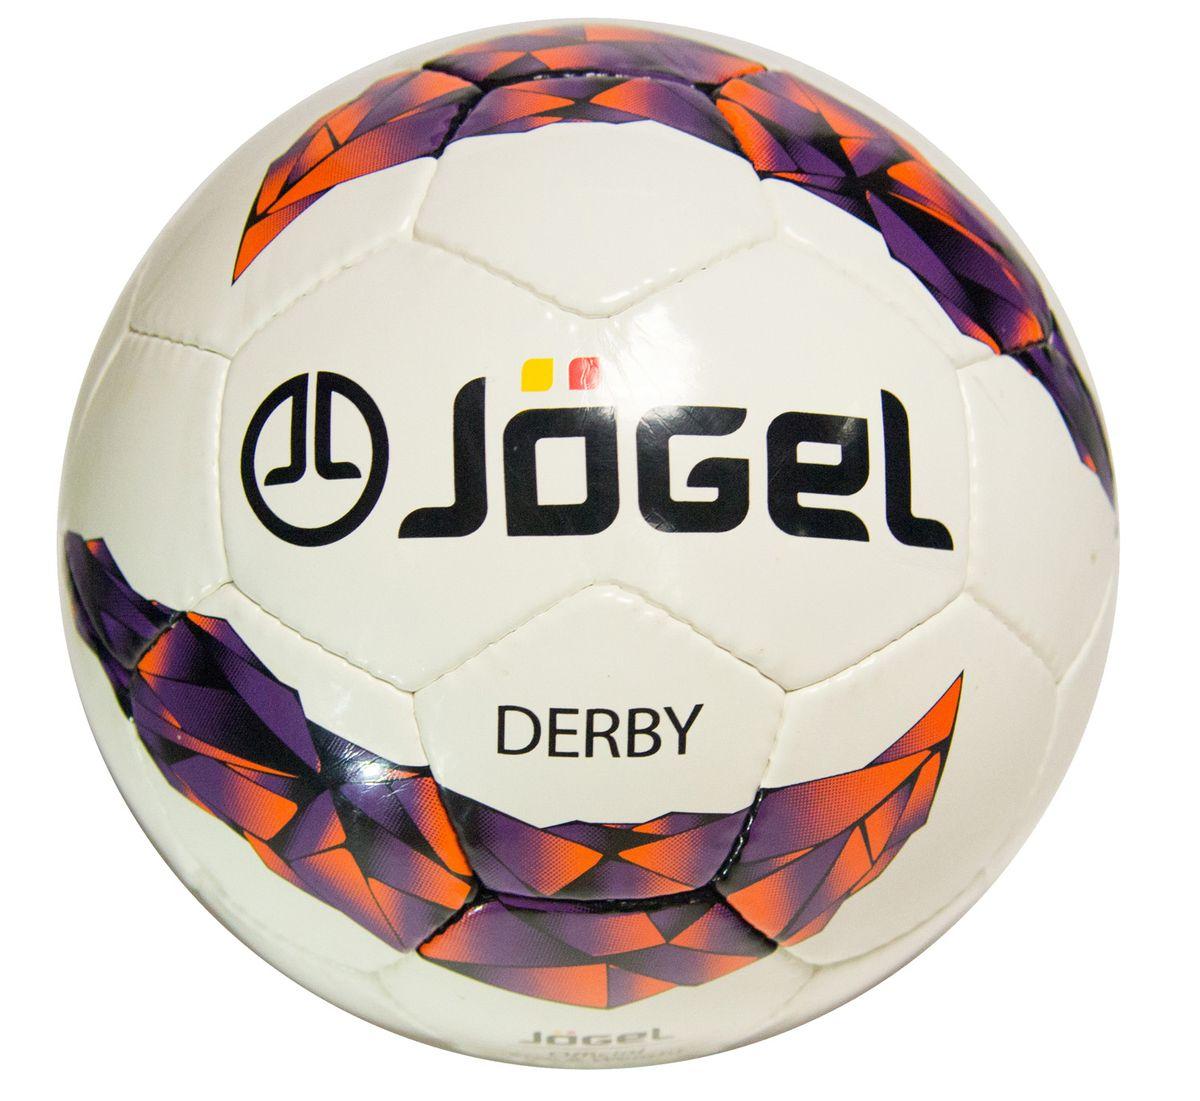 Мяч футбольный Jogel Derby, цвет: белый, оранжевый, черный. Размер 3. JS-500200170Классический футбольный мяч серии Derby с прочной покрышкой из синтетической кожи, сшитой вручную. Камера выполнена из латекса.Мяч имеет отличные технические характеристики, которые соответствуют требованиям тренировочного процесса. Предусмотрено четыреподкладочных слоя из смеси хлопка с полиэстером.Мяч станет прекрасным выбором для тренировок и игр клубных и любительских команд.Вес: 310-350 гр. Длина окружности: 59-61 см. Рекомендованное давление: 0.6-0.8 бар.